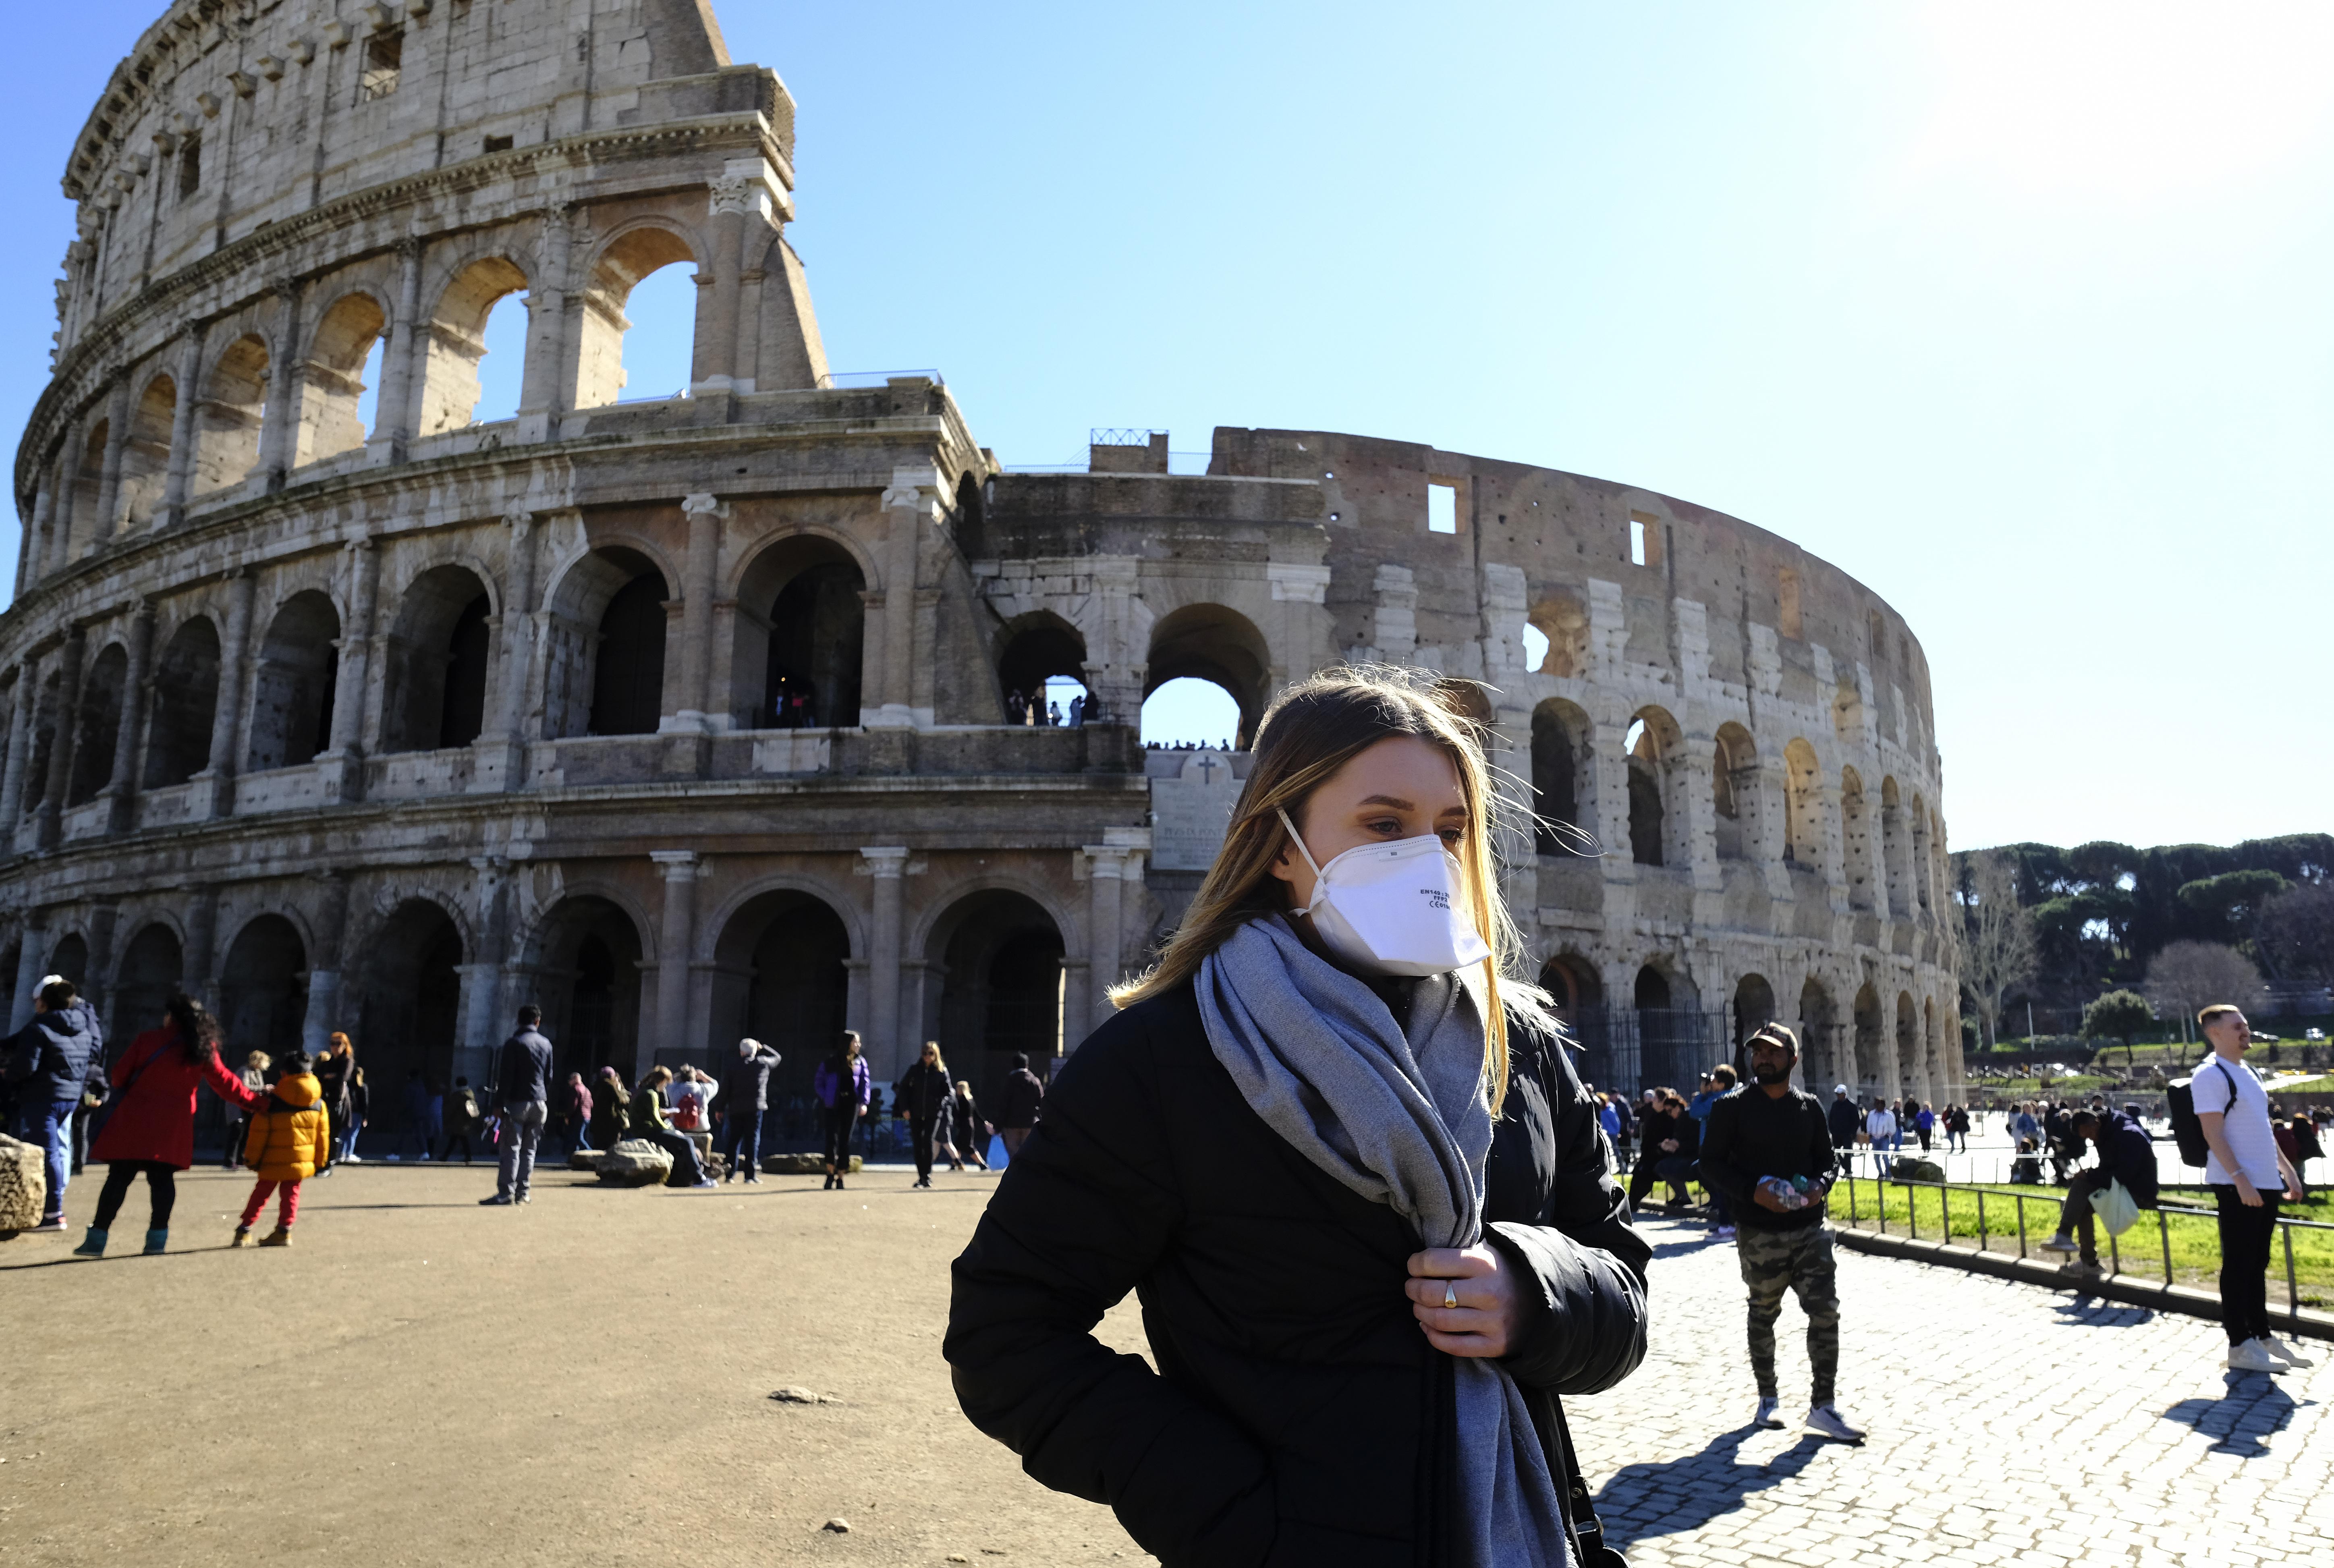 A nagykövetség azt kéri az Olaszországban vakációzó magyaroktól, hogy minél hamarabb induljanak haza